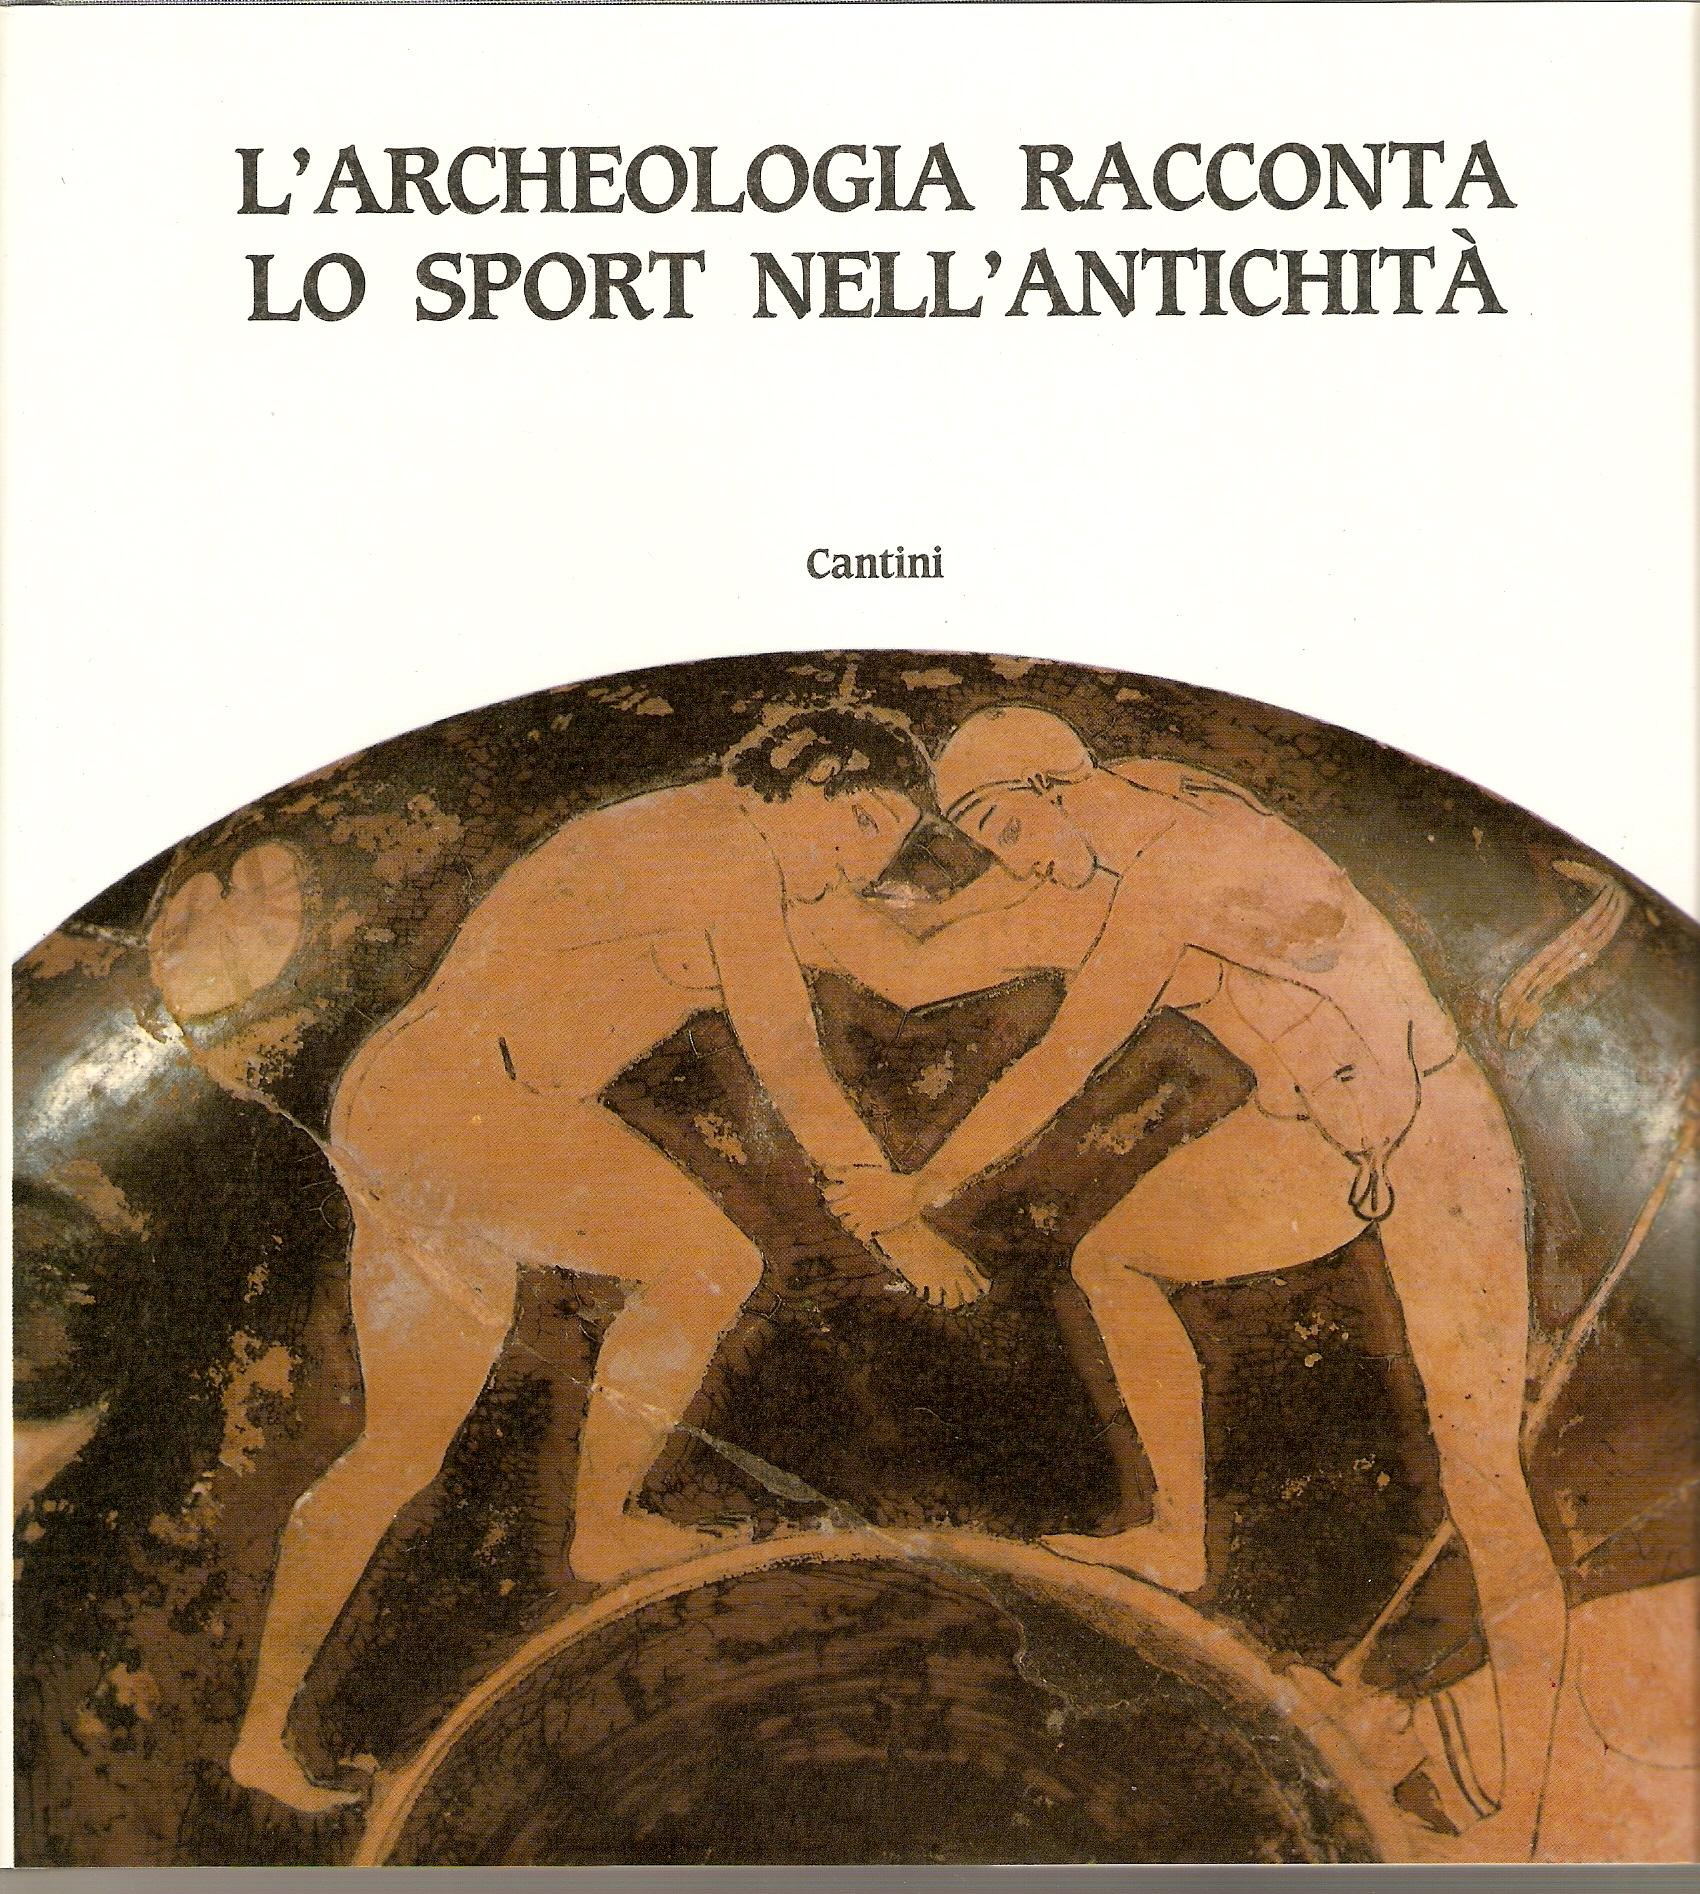 L'archeologia racconta lo sport nell'antichità